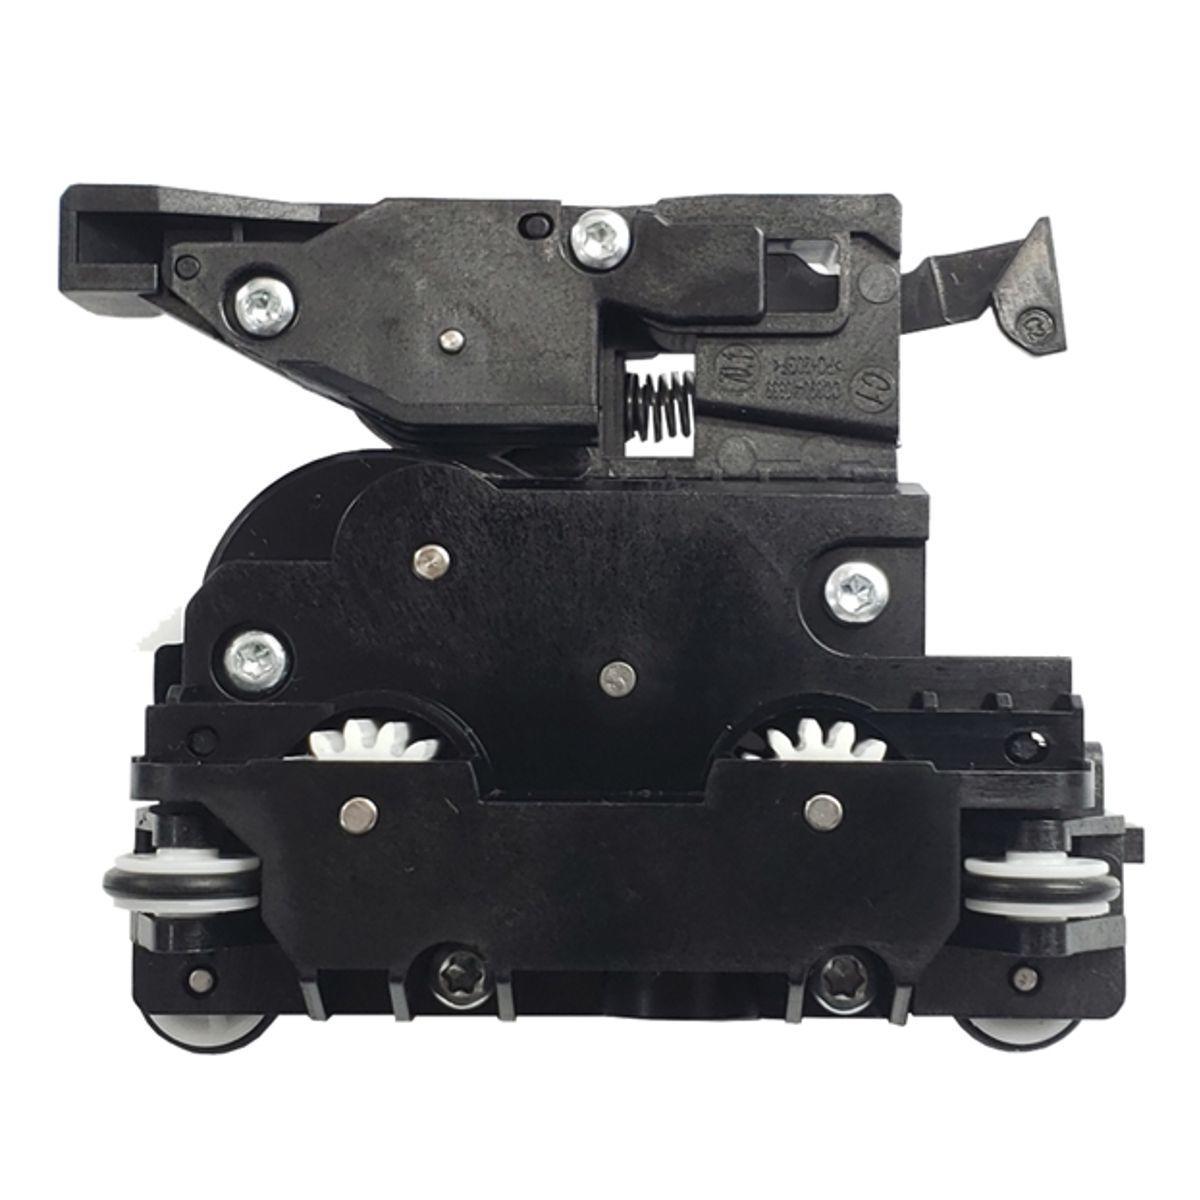 Suporte com Lamina Cortador de Papel da Impressora Plotter HP DesignJet T120, T130, T520, T530 e T730